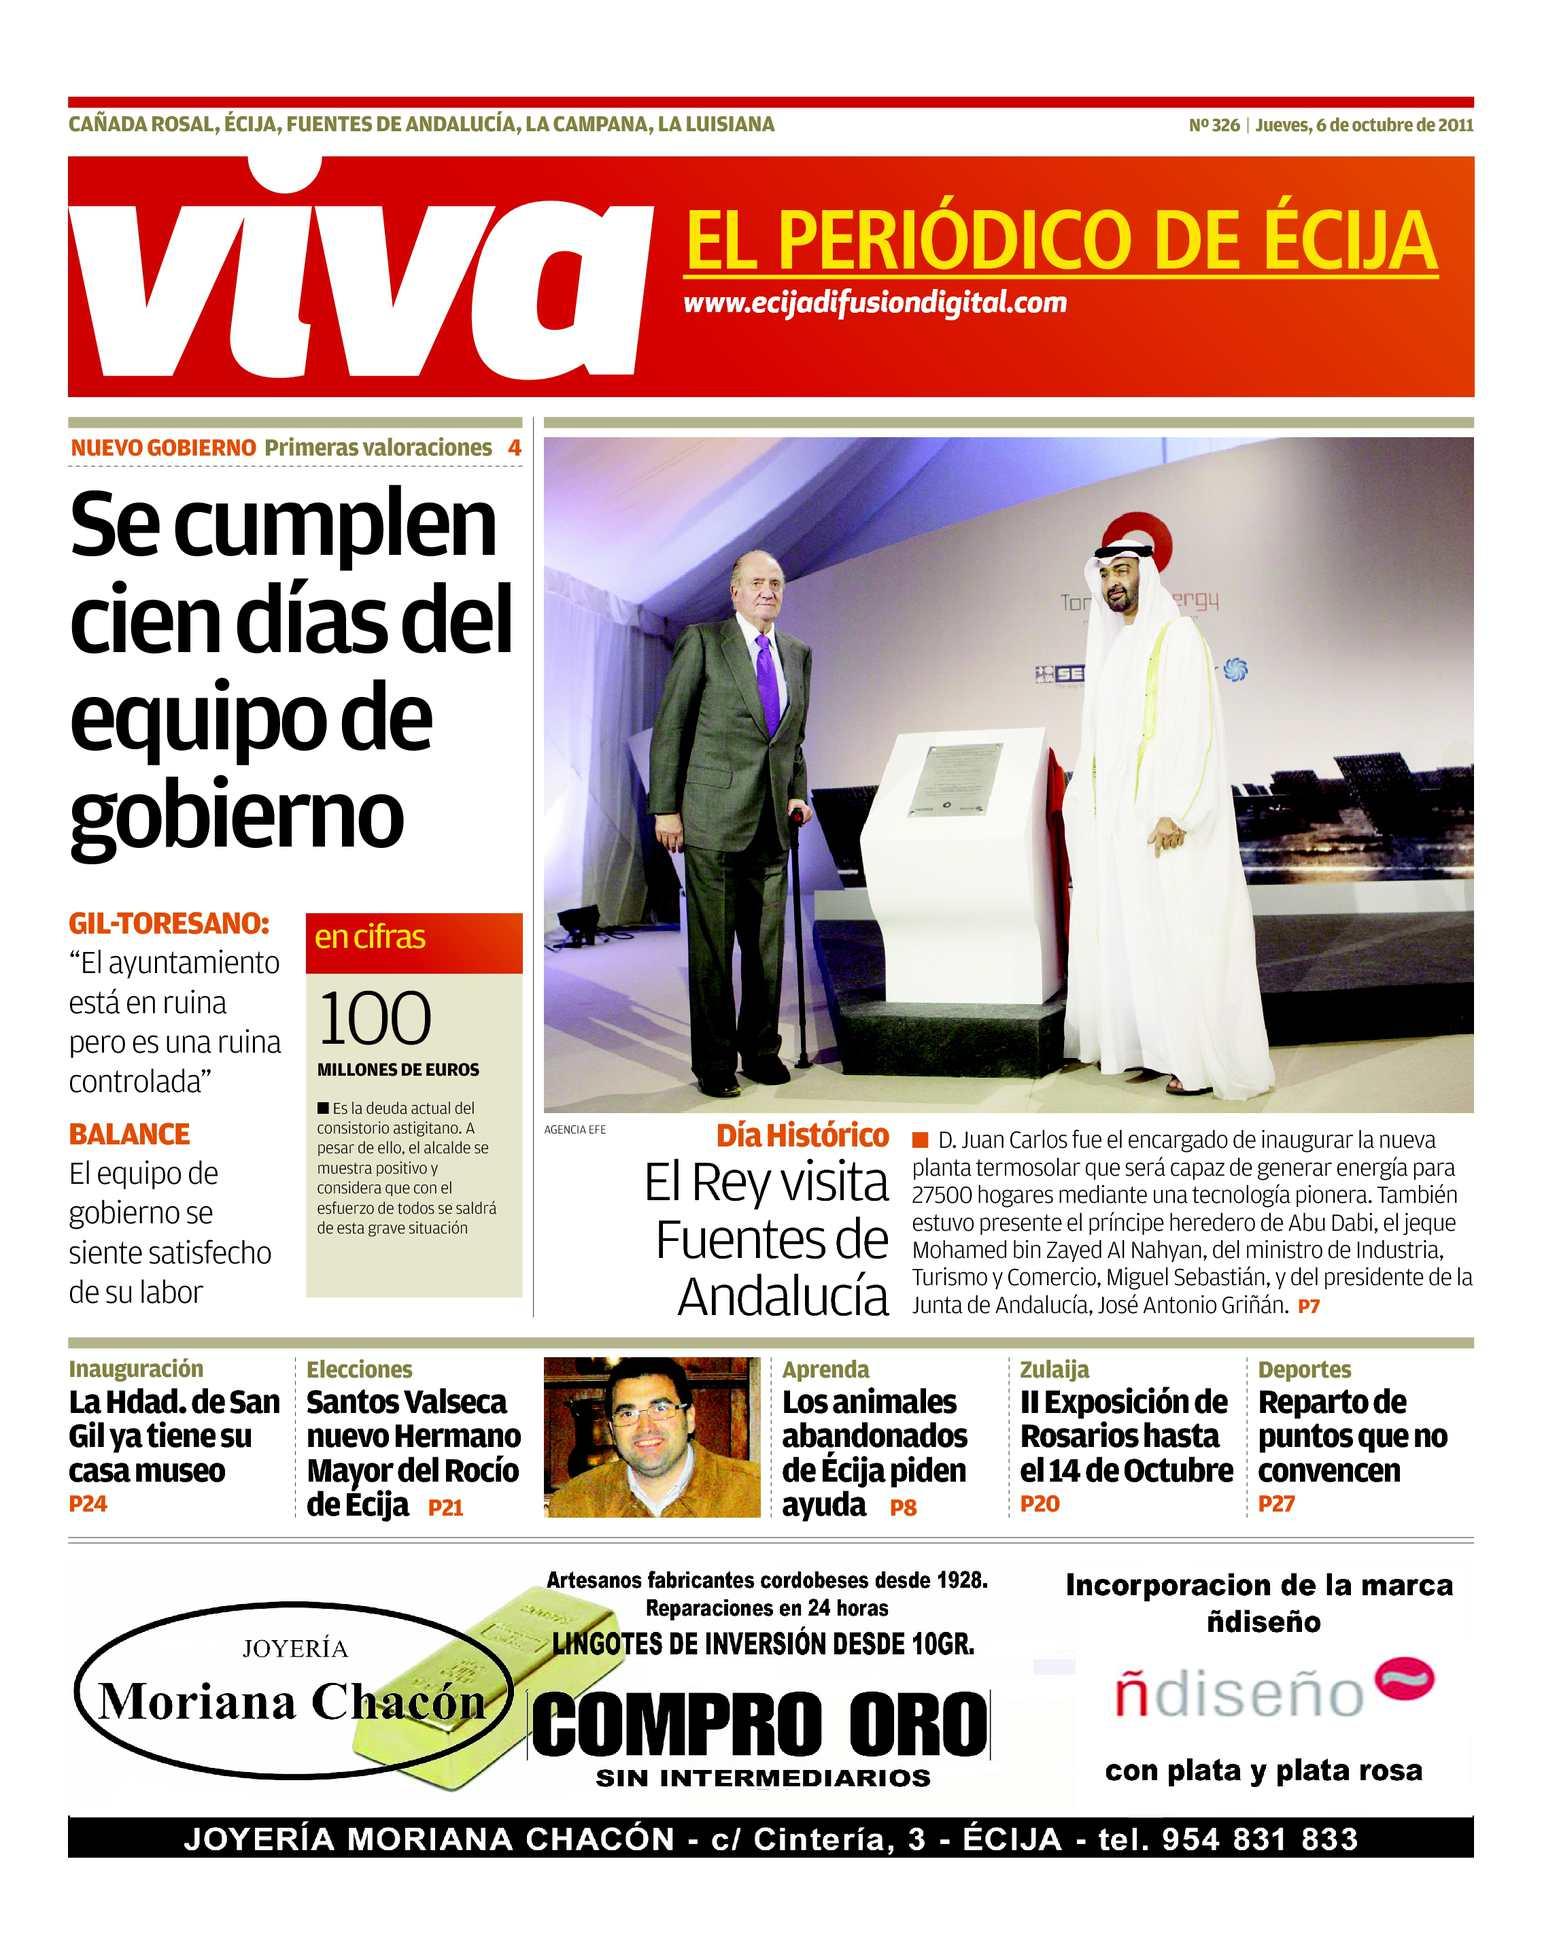 Calaméo - VIVA El Periódico de Écija Octubre 2011